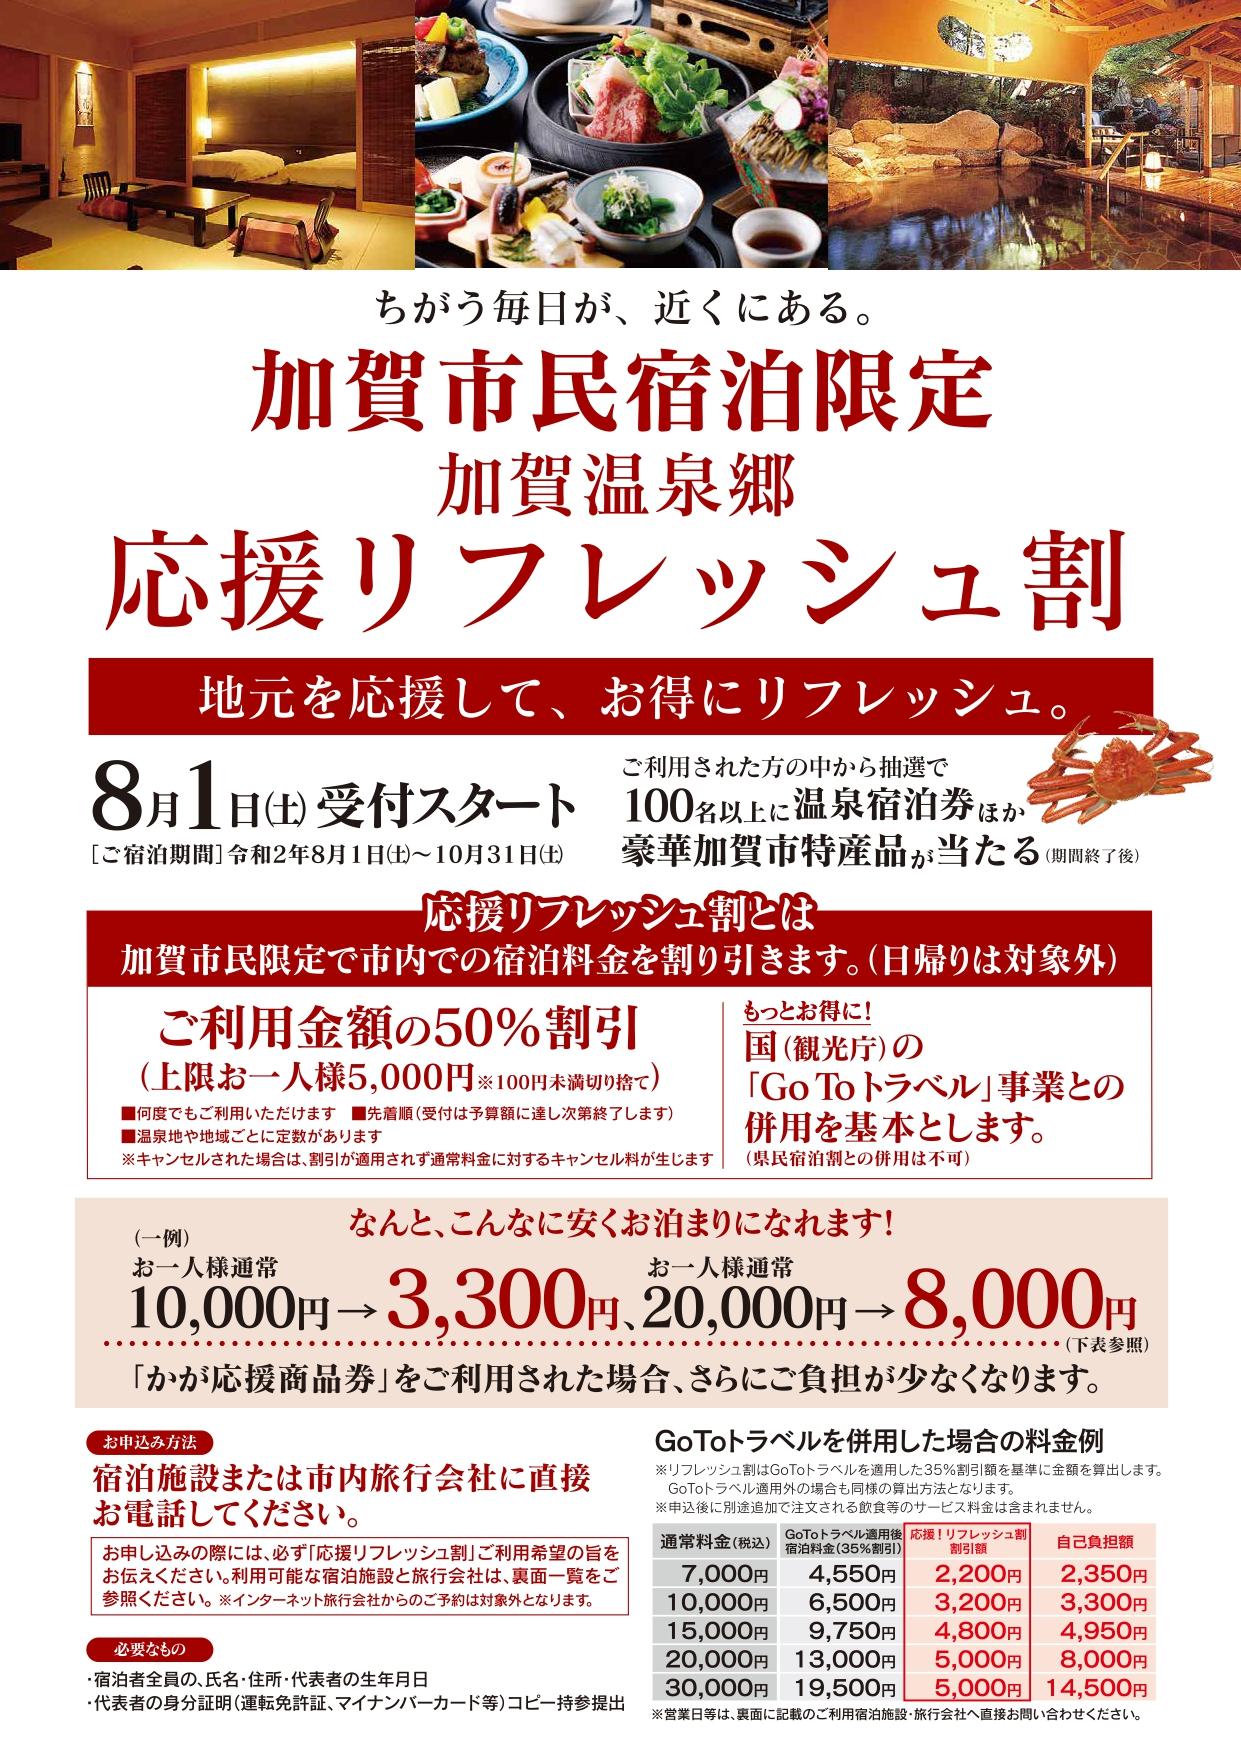 加賀市応援リフレッシュ割1